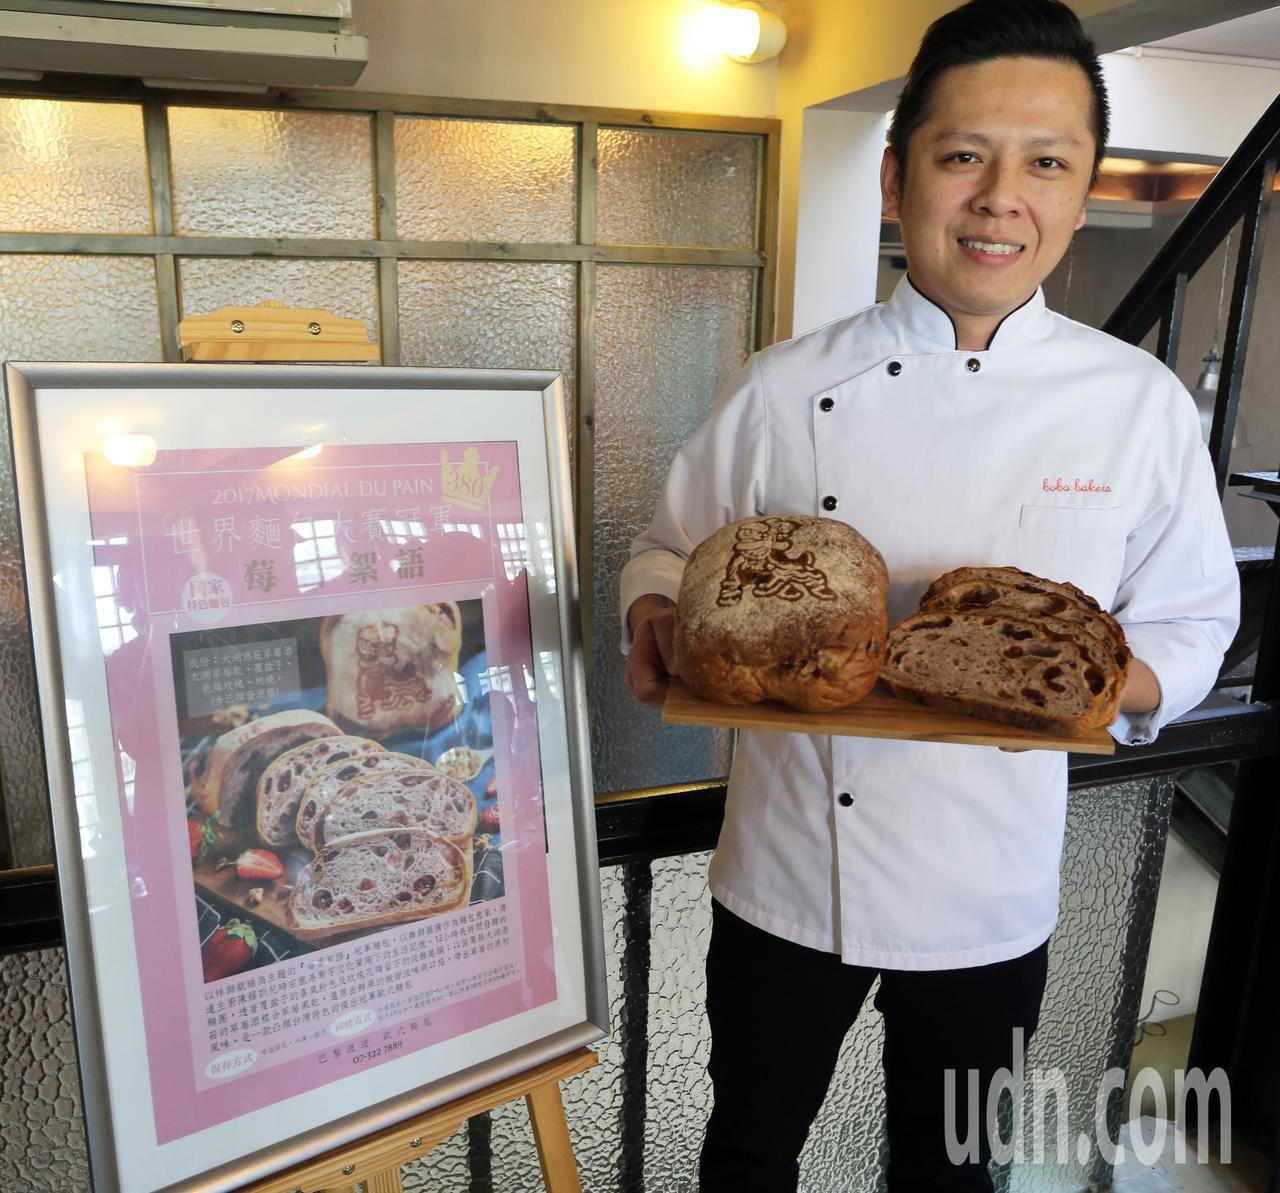 選用在地食材,台灣麵包師陳耀訓勇奪2017世界麵包賽冠軍,其中這款冠軍麵包「莓香...